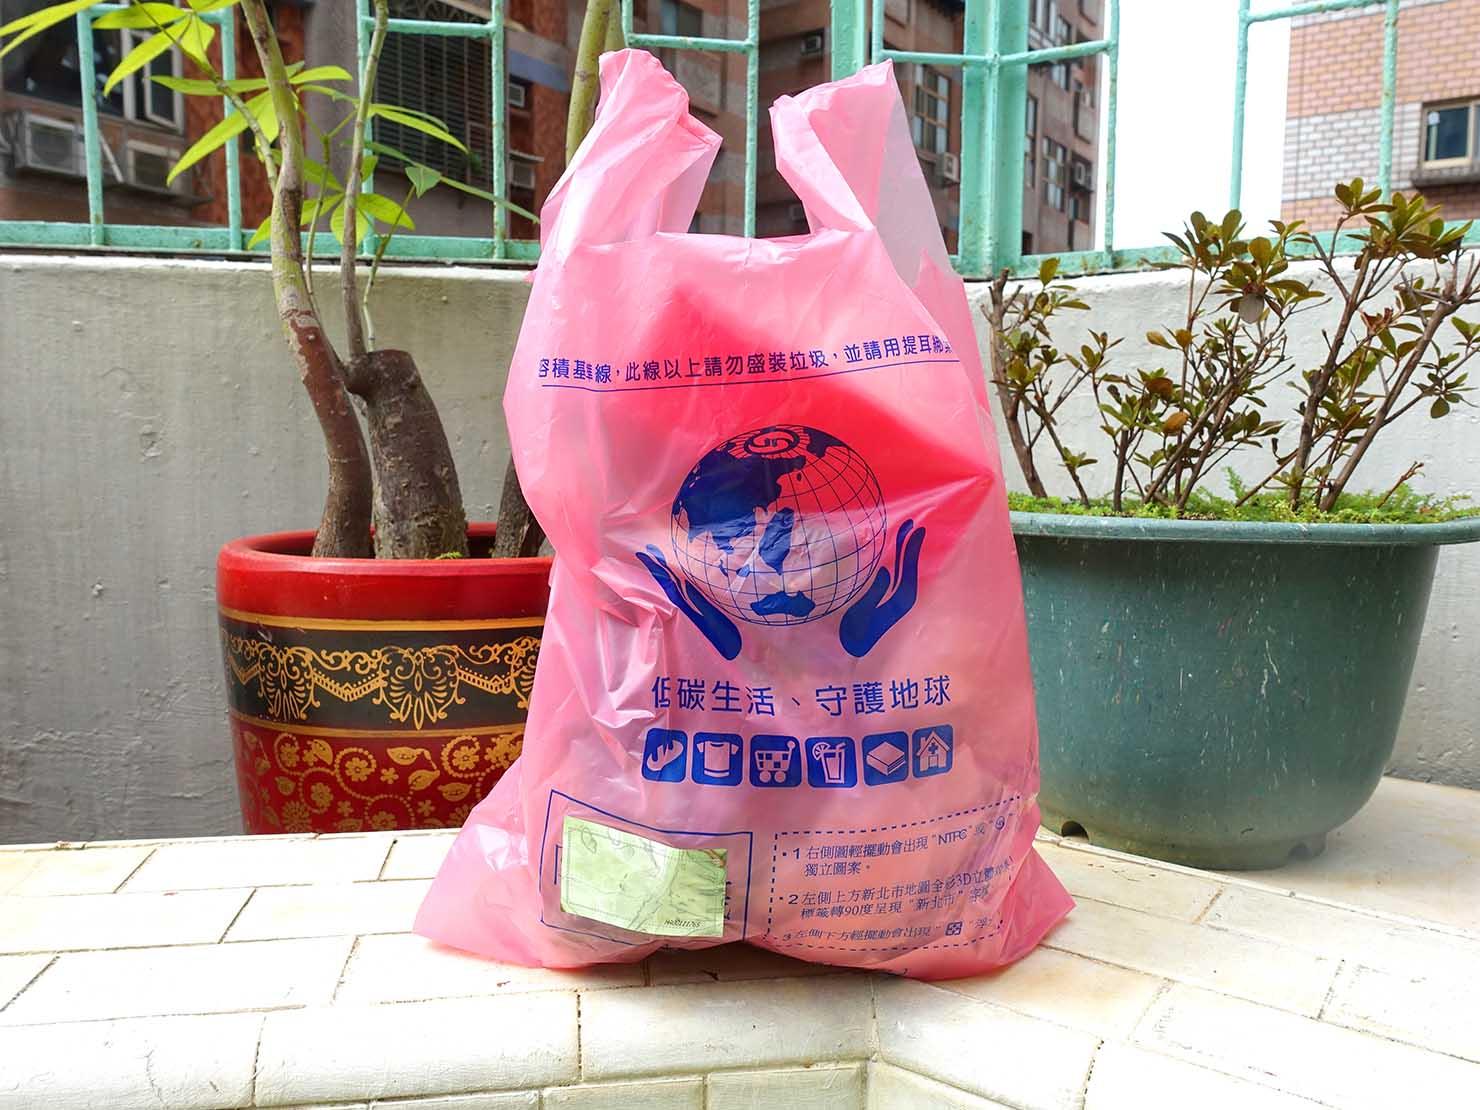 台湾の一般ゴミ(燃えるゴミ)の捨て方